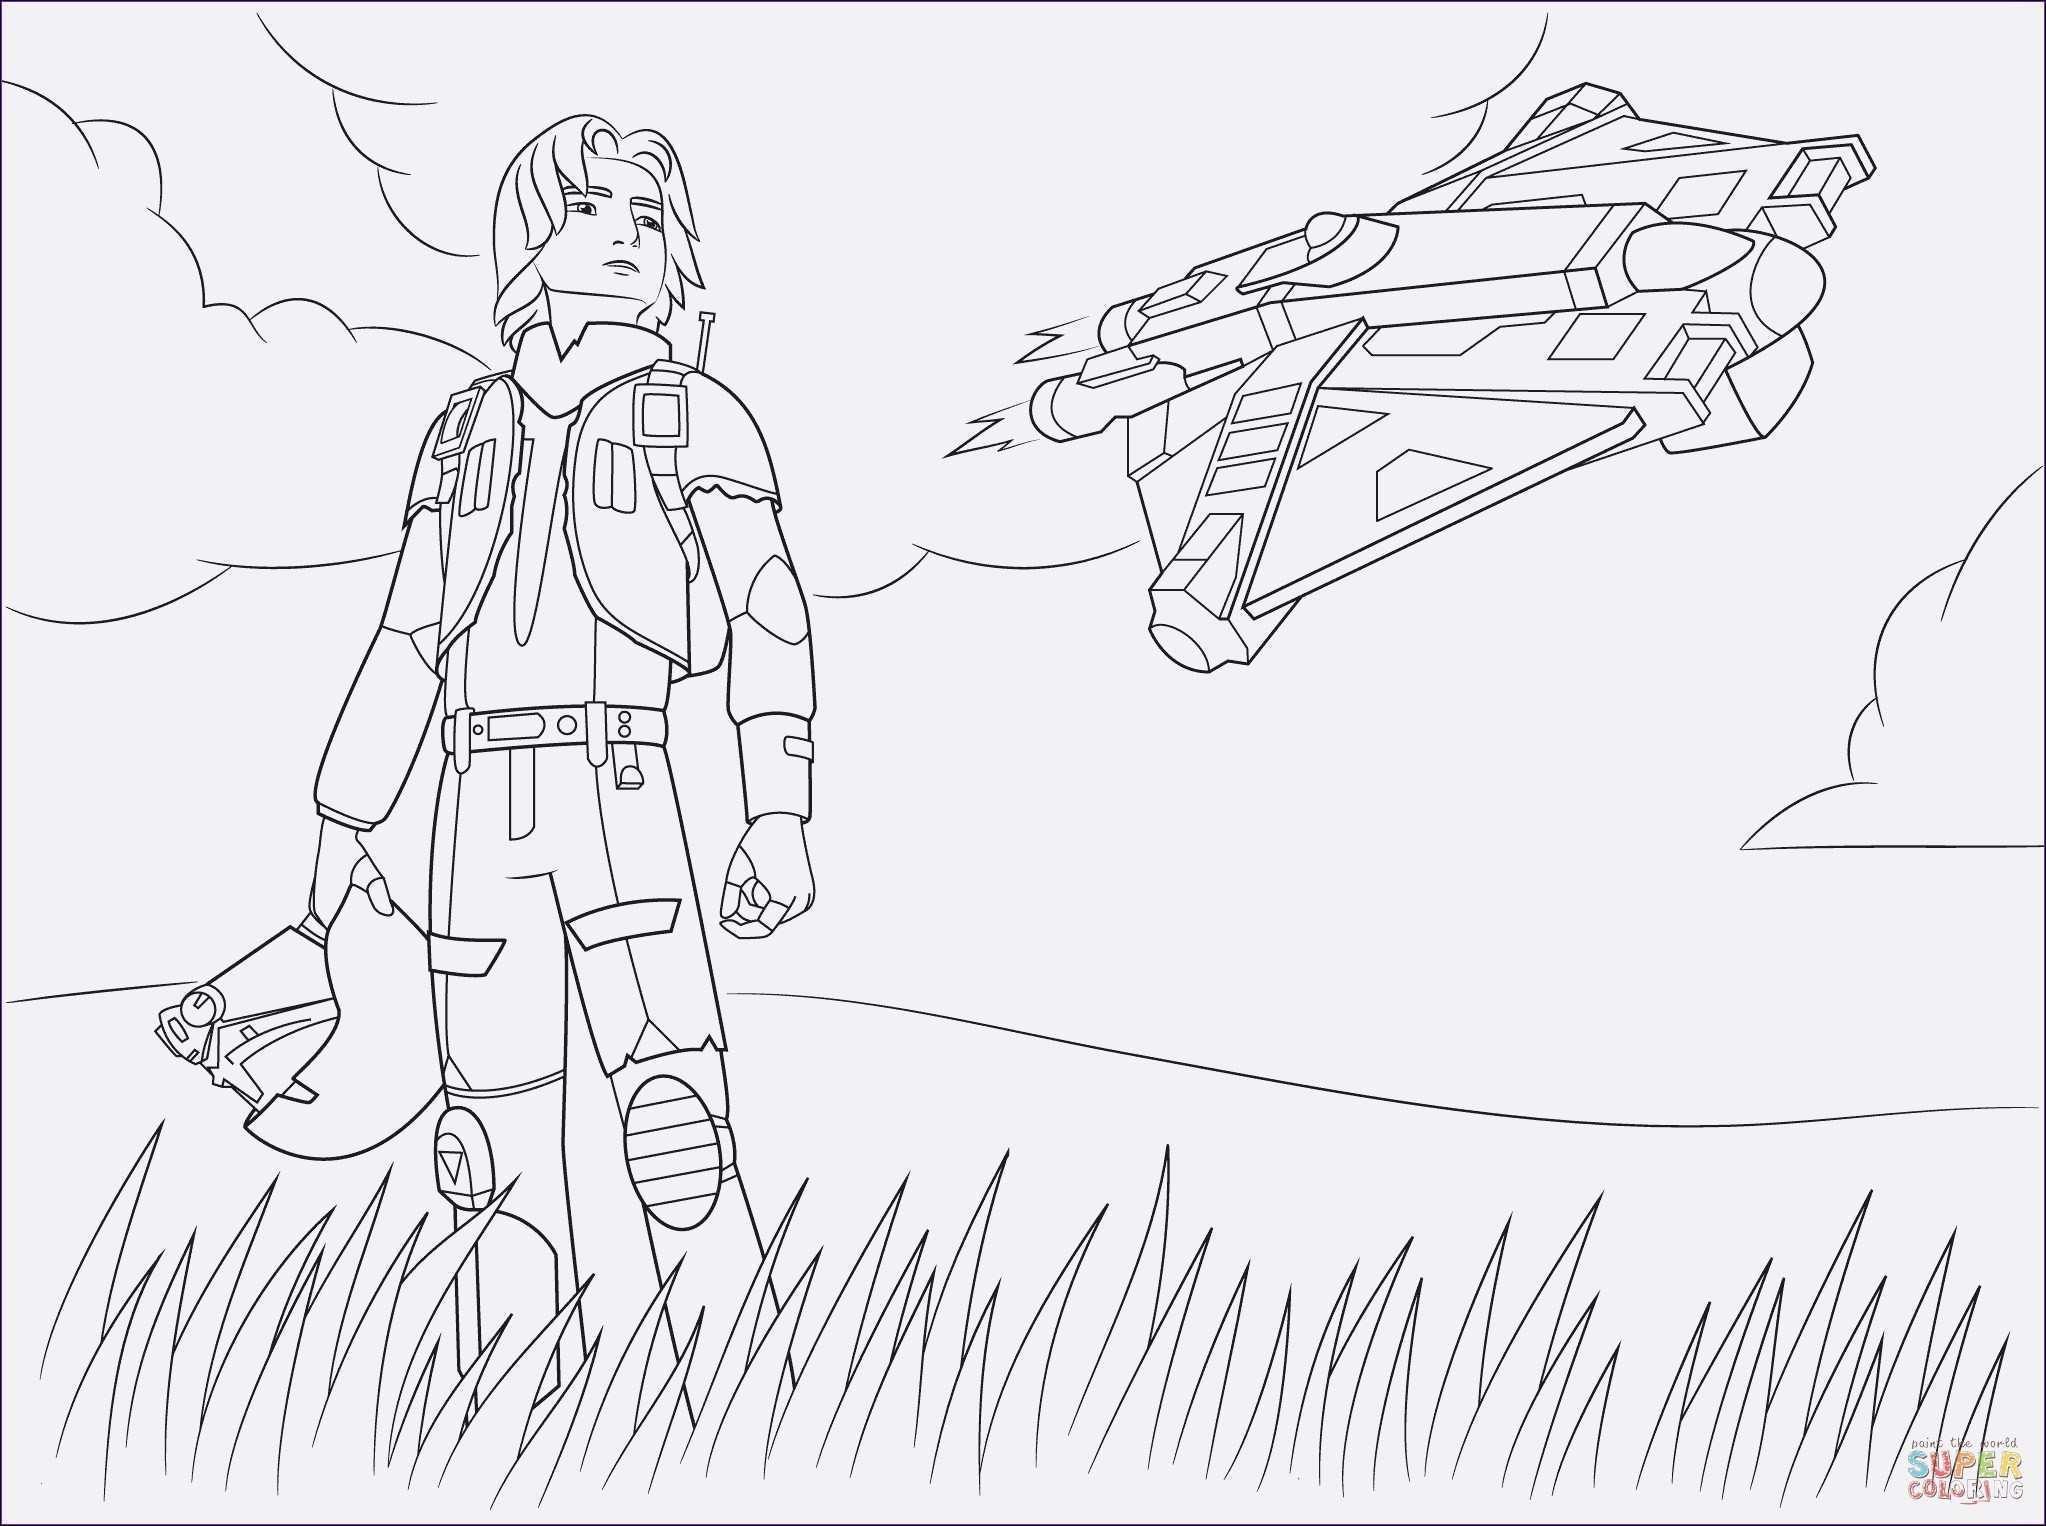 Star Wars the Clone Wars Ausmalbilder Einzigartig Star Wars Malvorlagen Yoda Abbild 40 Ausmalbilder Star Wars Clone Das Bild